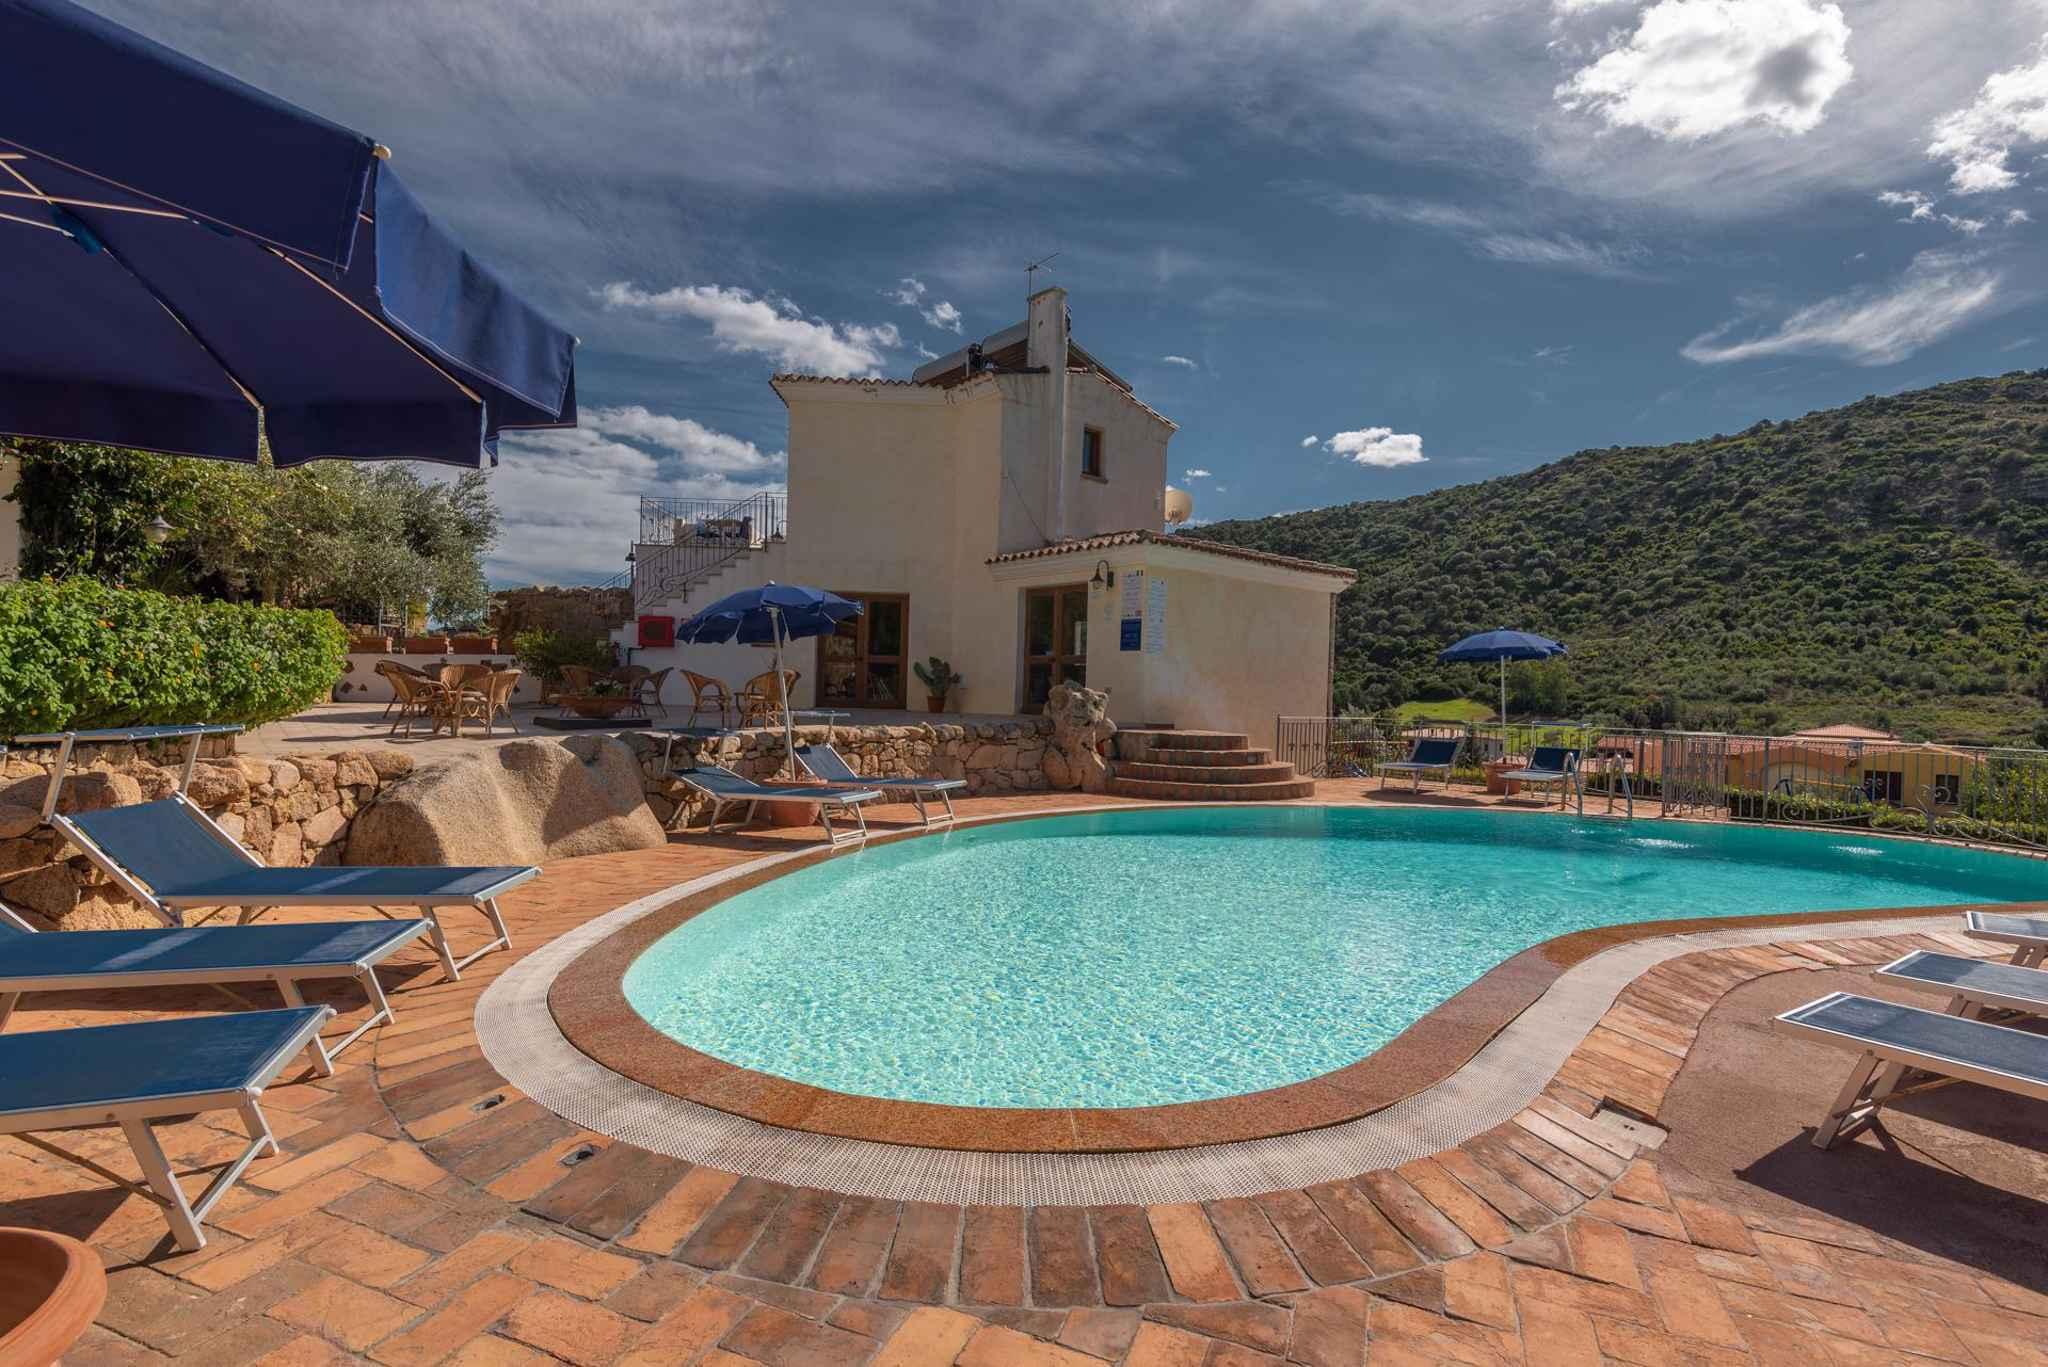 Ferienhaus mit Pool und Klimaanlage (2218540), Budoni, Olbia-Tempio, Sardinien, Italien, Bild 5